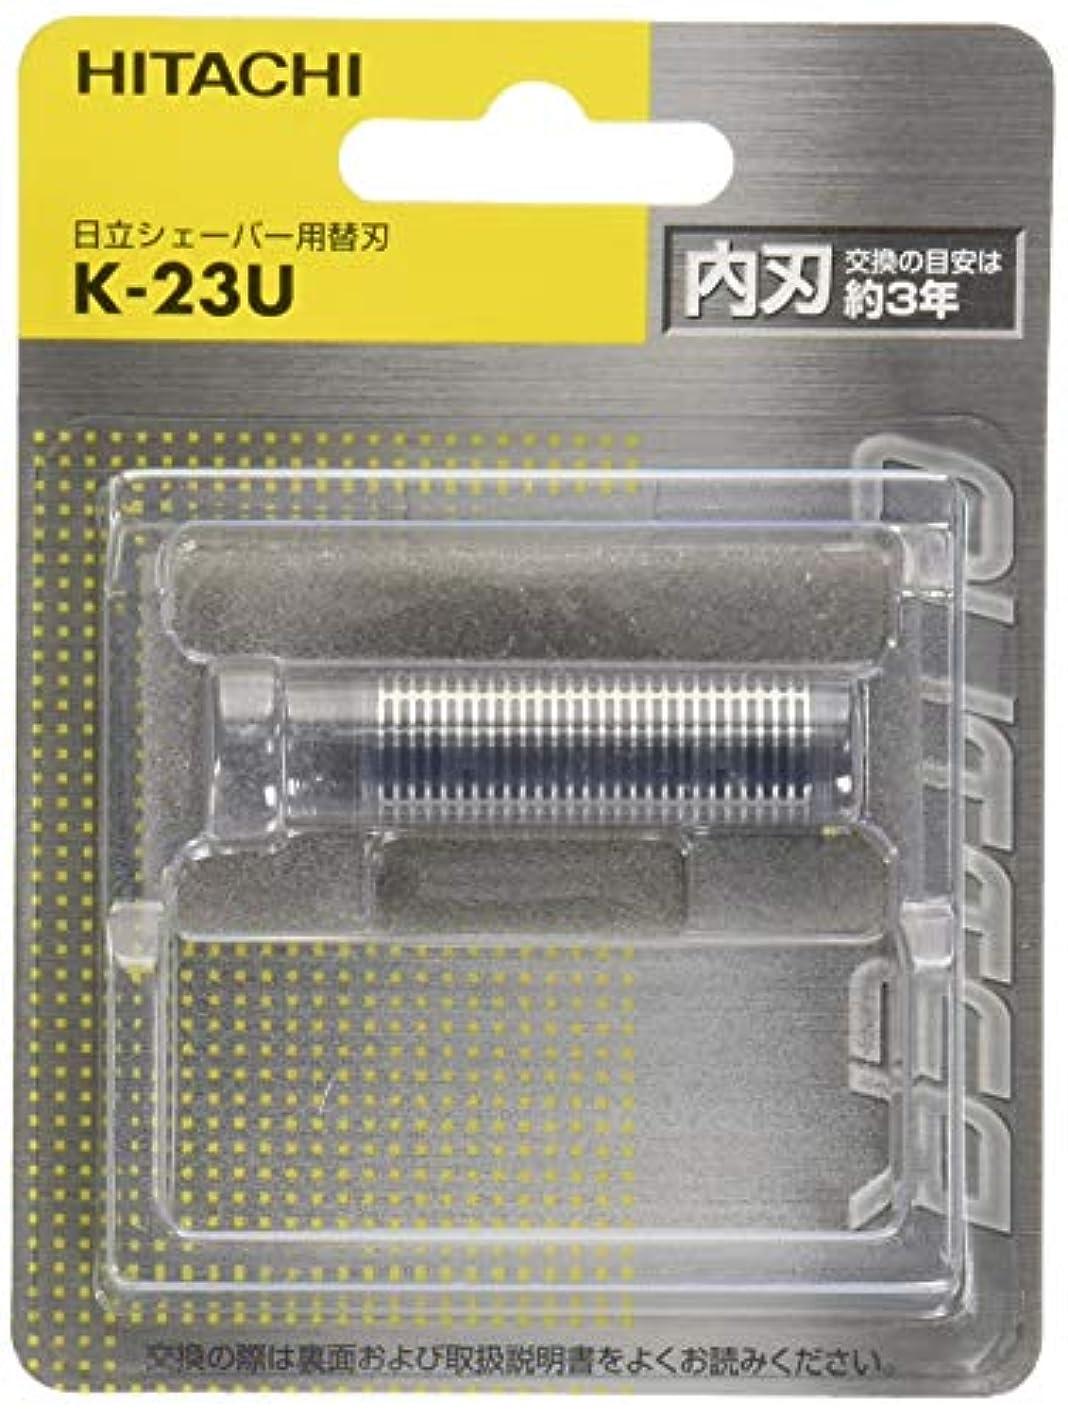 細いやりすぎクローゼット日立 メンズシェーバー用替刃(内刃) K-23U